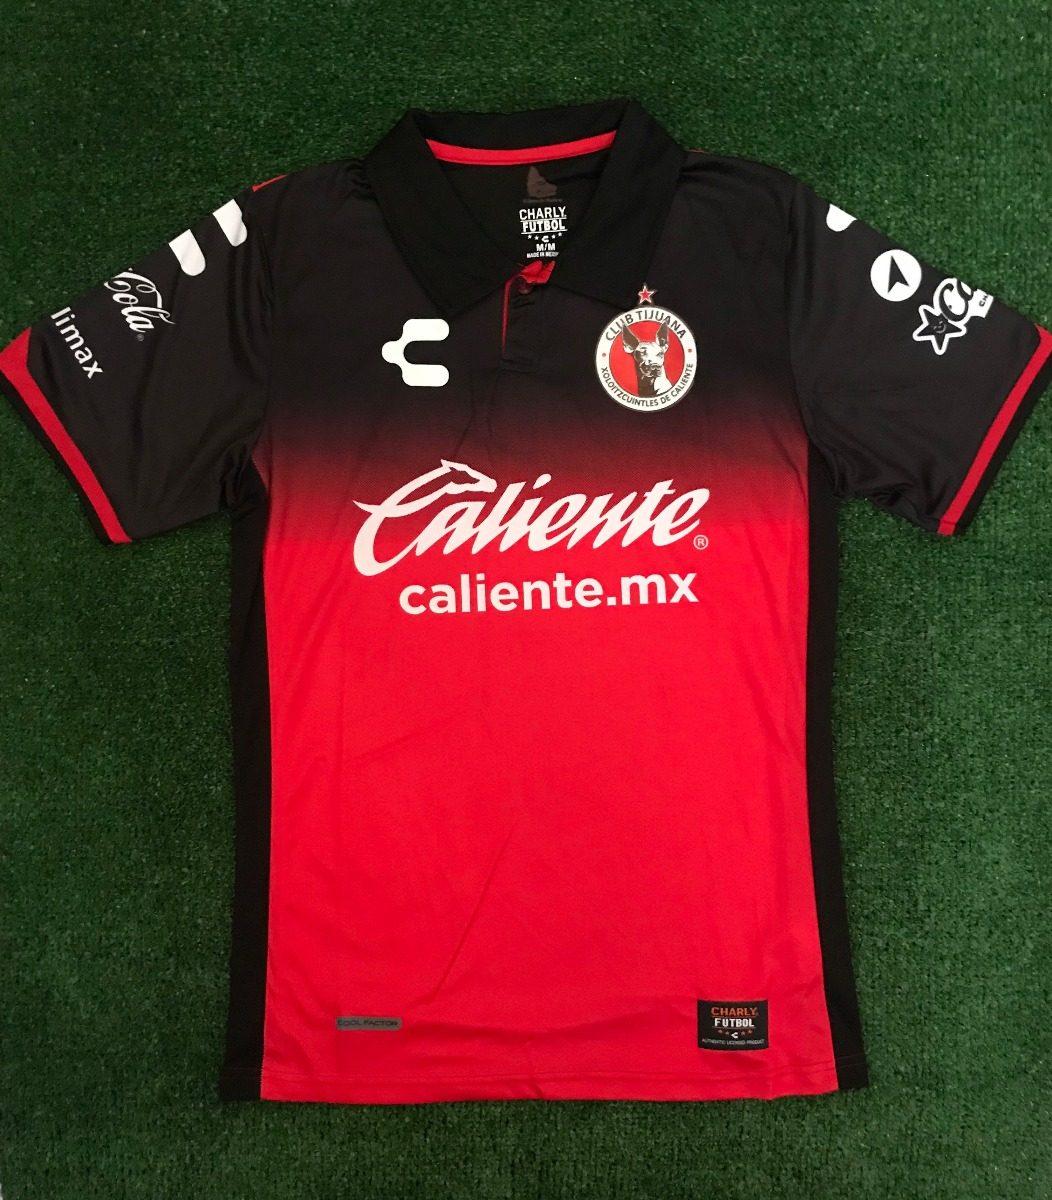 Playera jersey - Xolos De Tijuana 17 18 (local) -   450.00 en ... 2bbc26d70e900